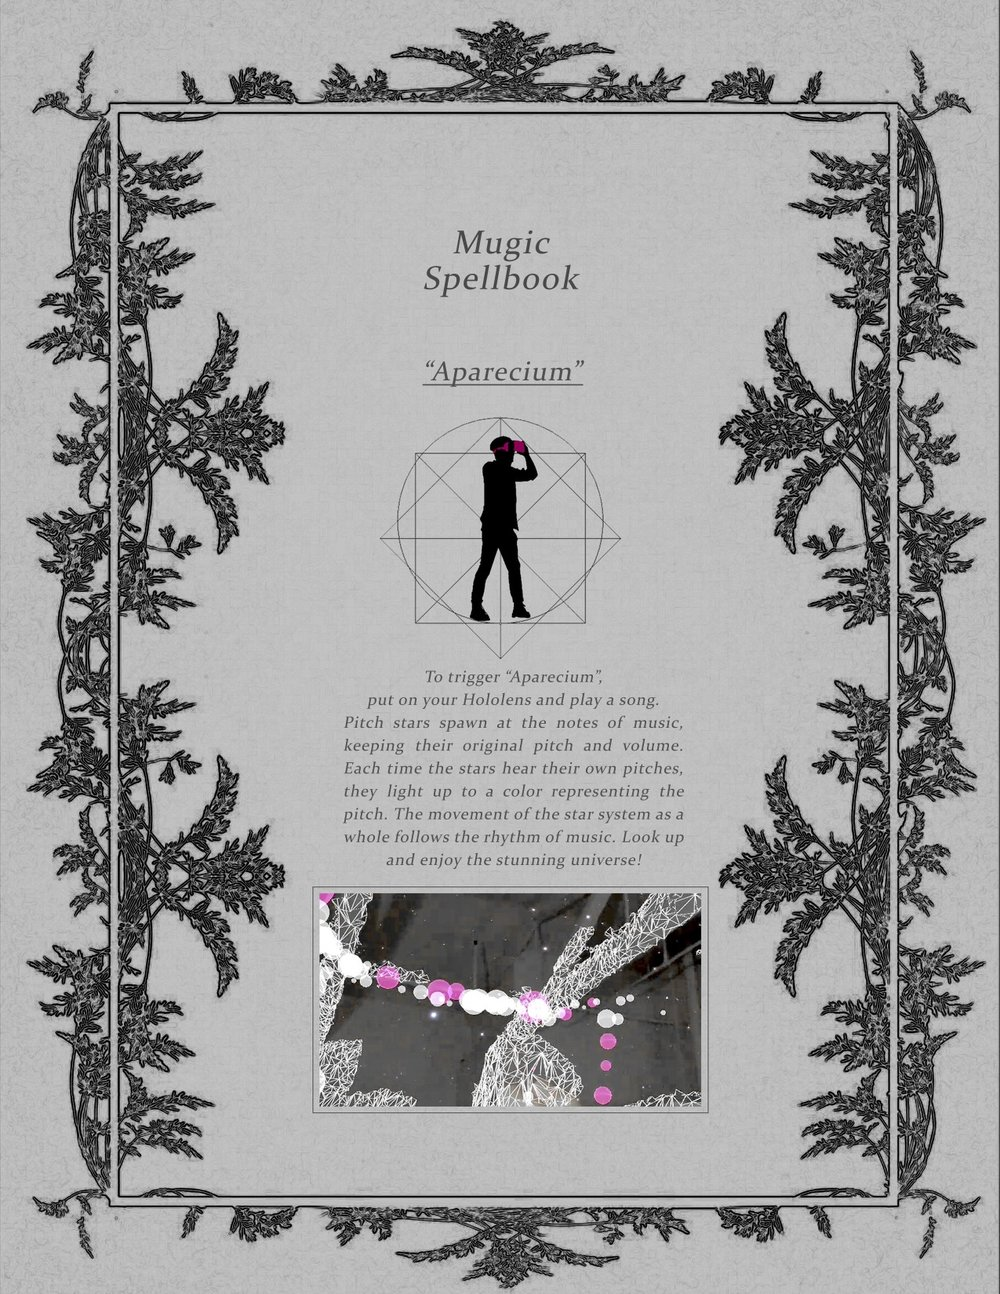 Mugic1.jpg